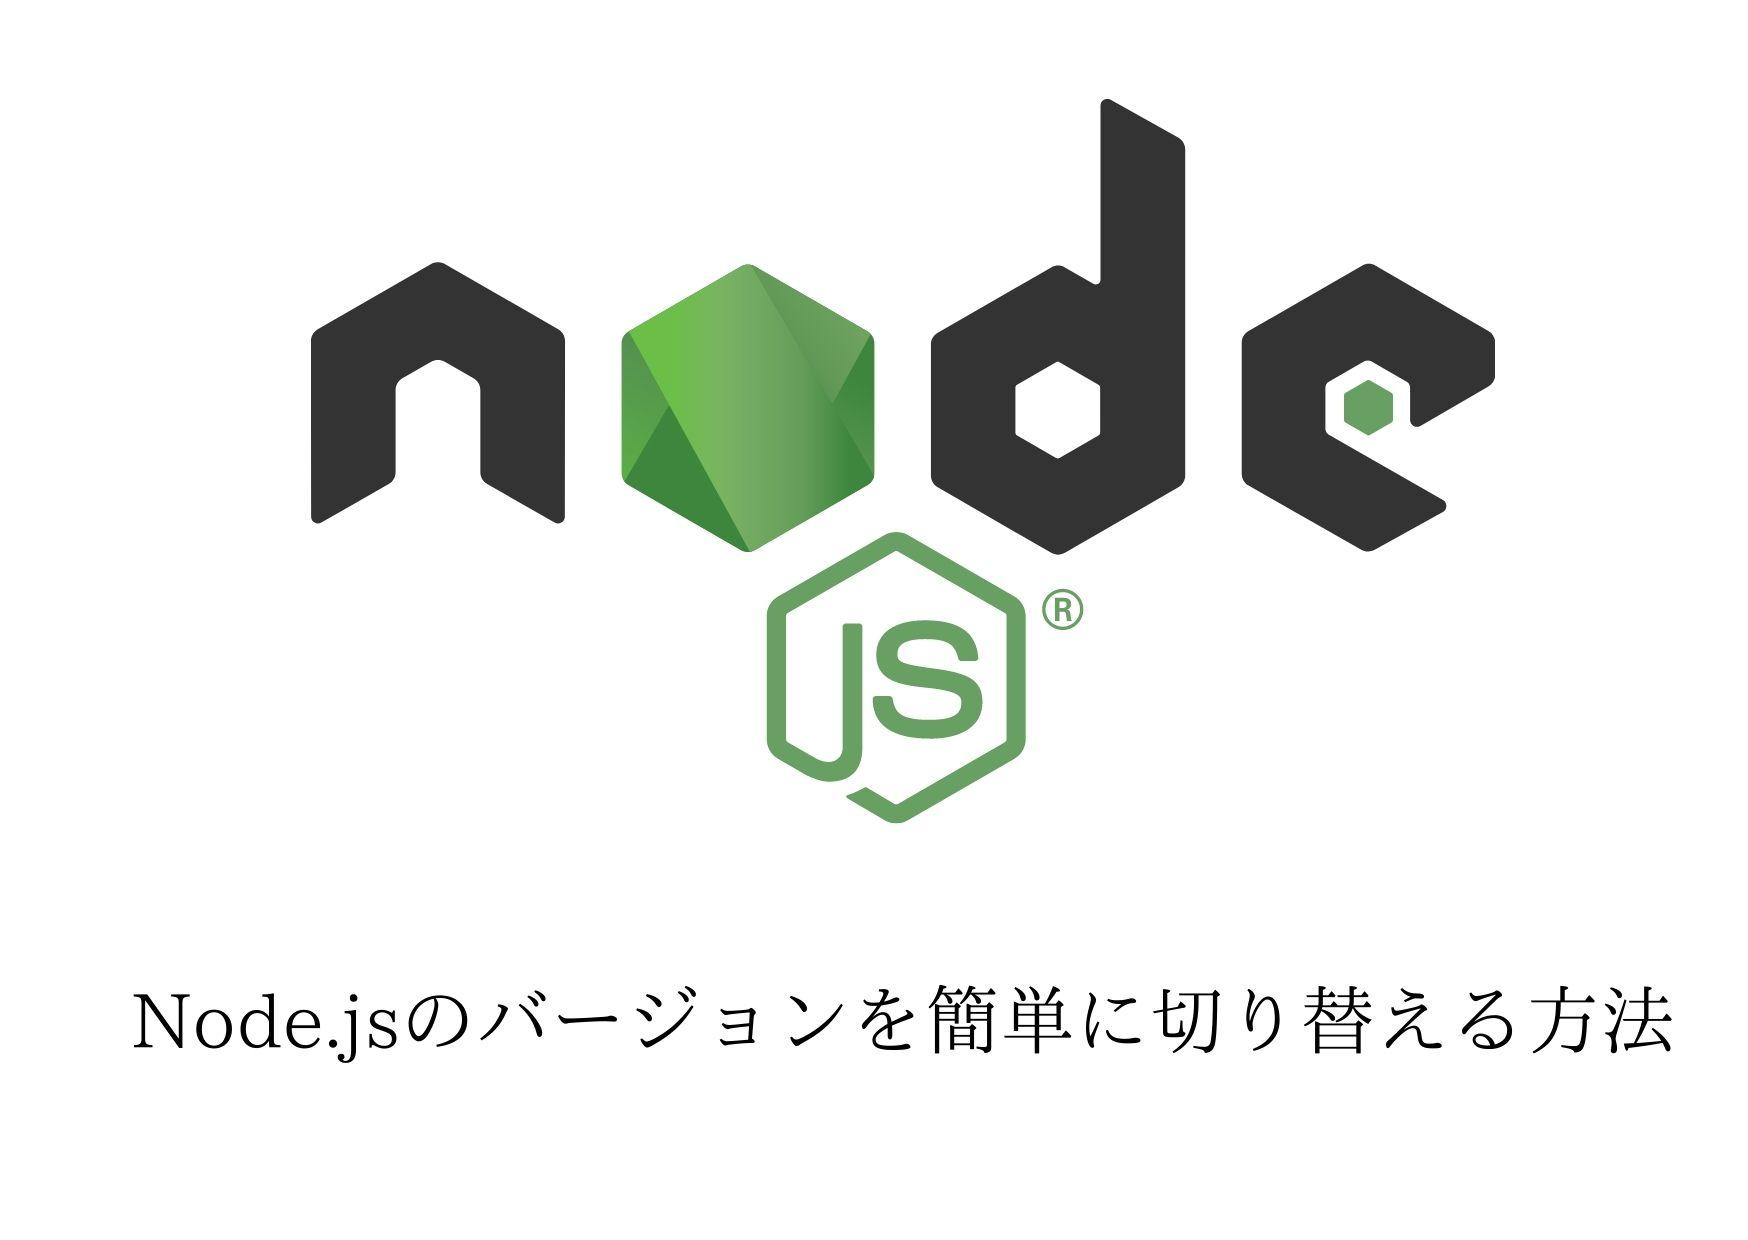 nodebrew